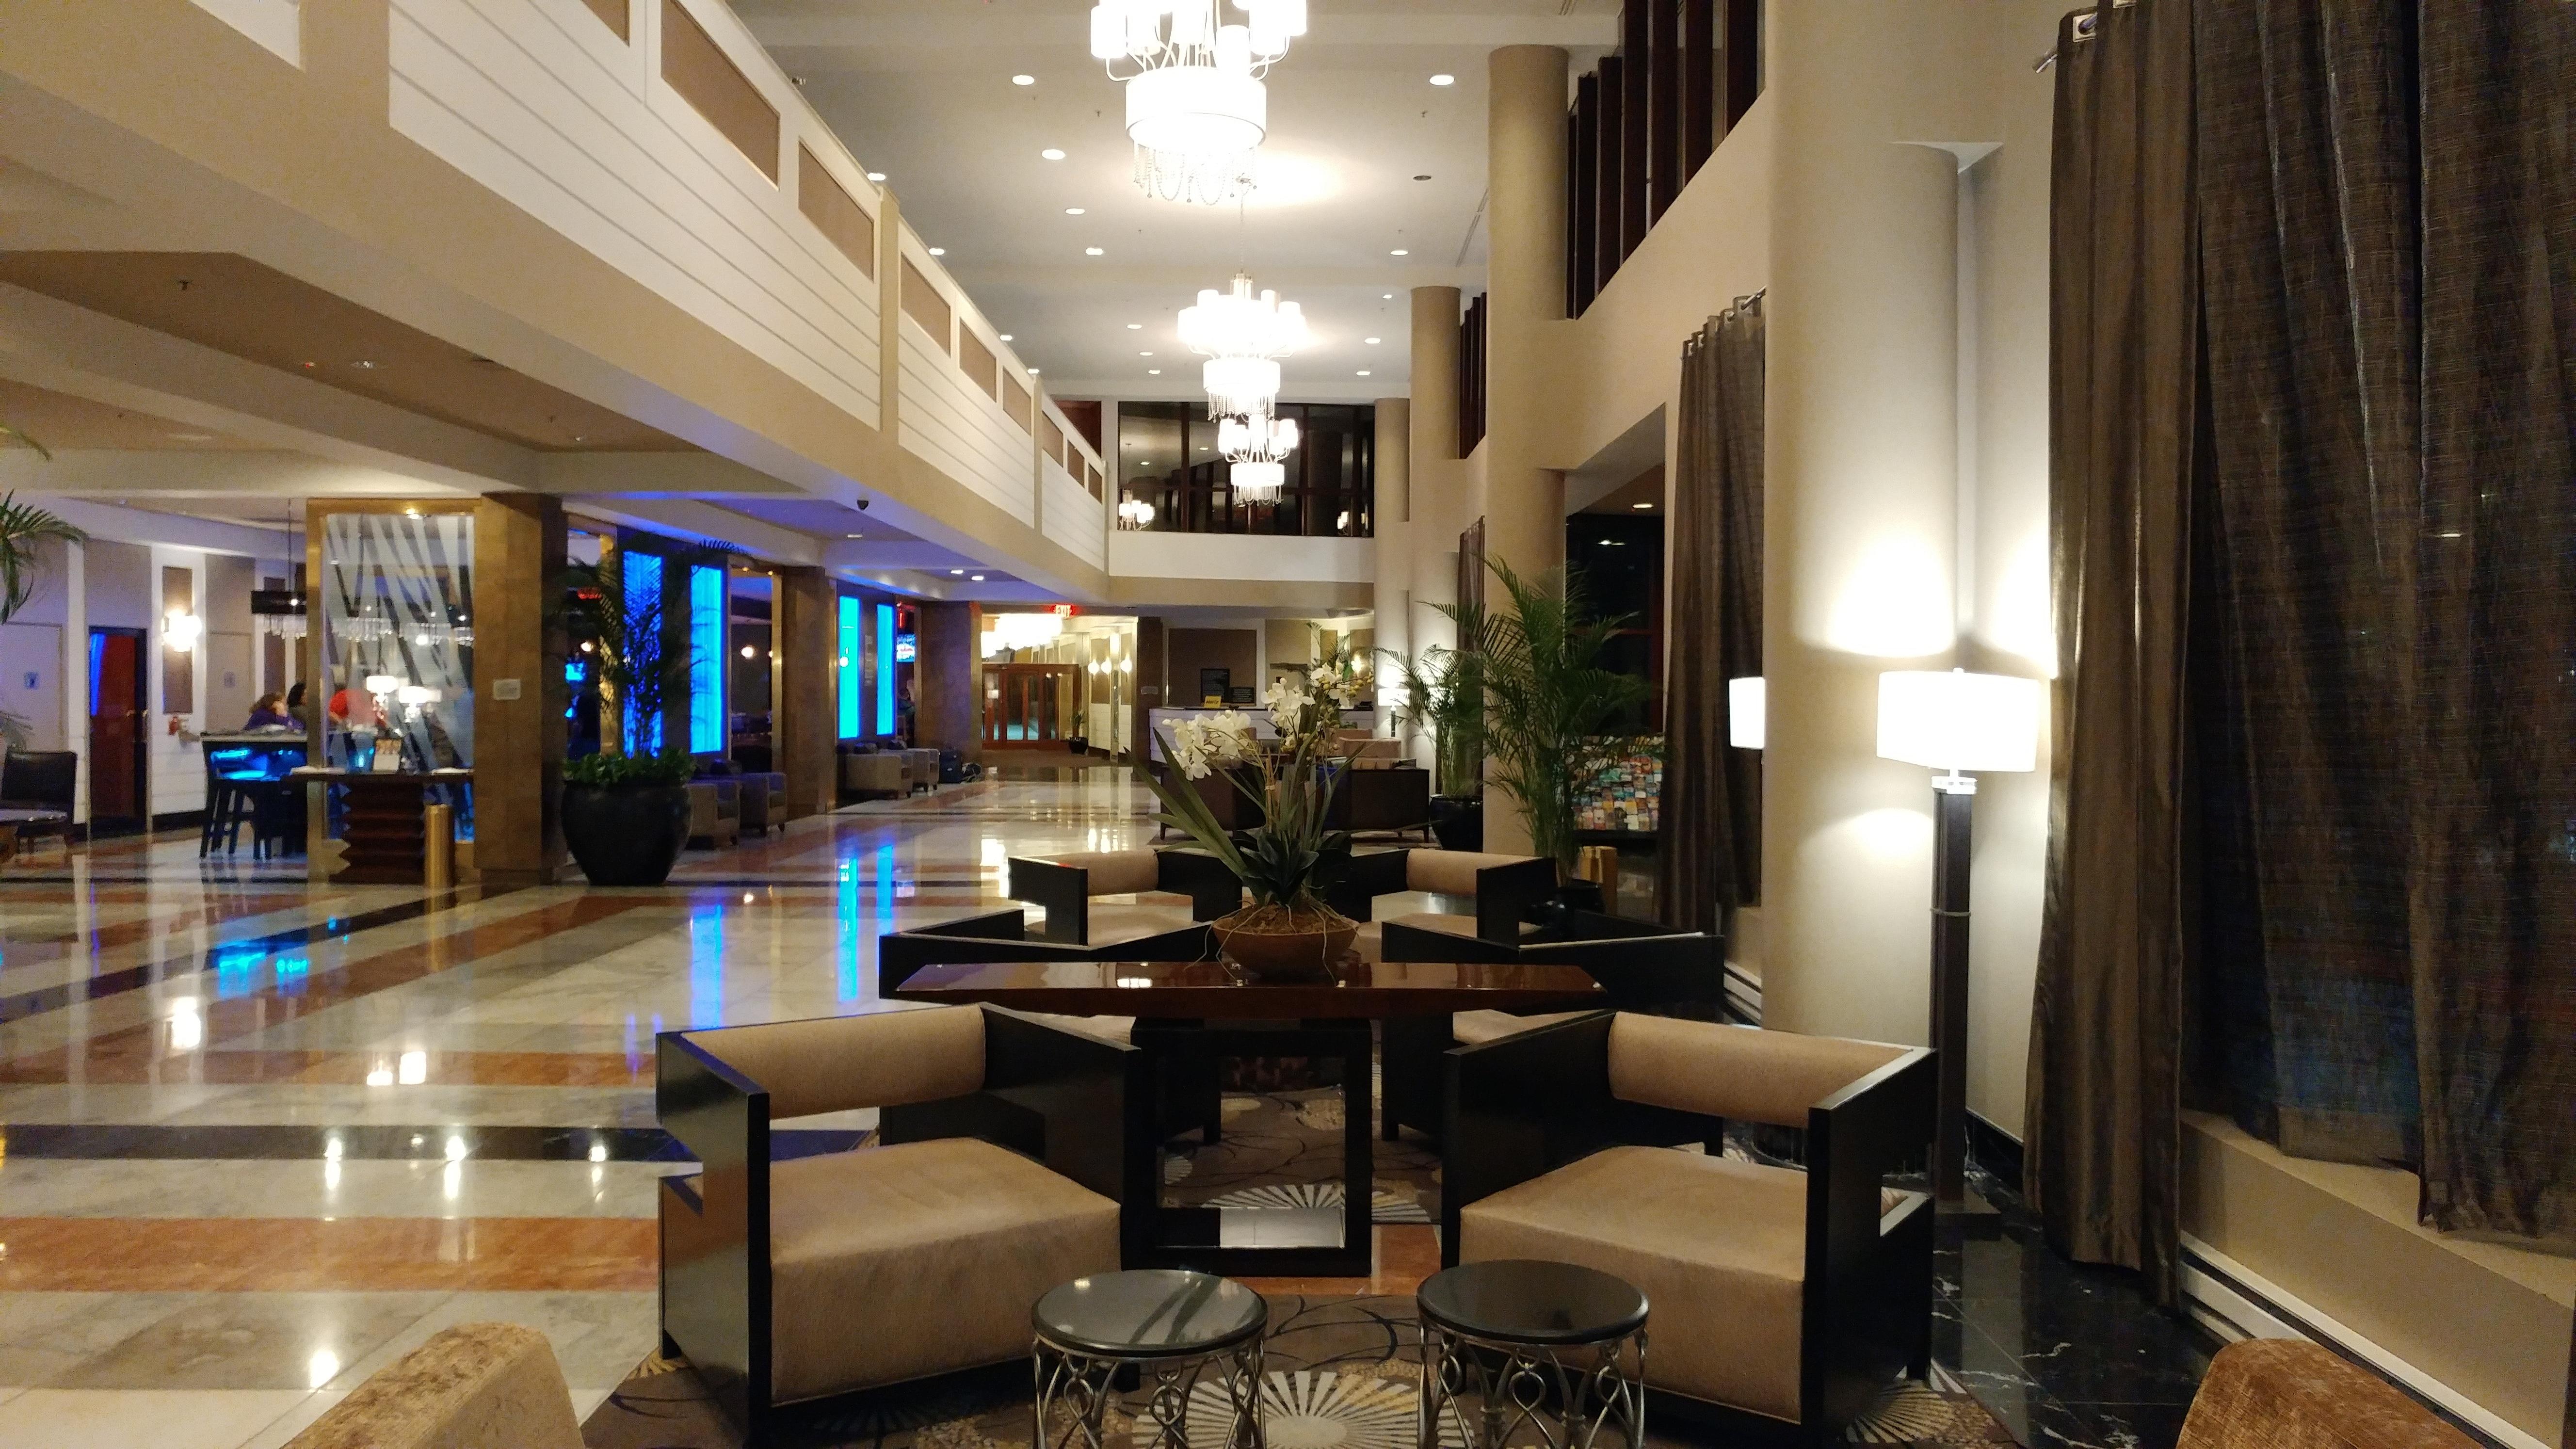 Comparatif photos en basse luminosit htc 10 vs galaxy for Comparatif hotel